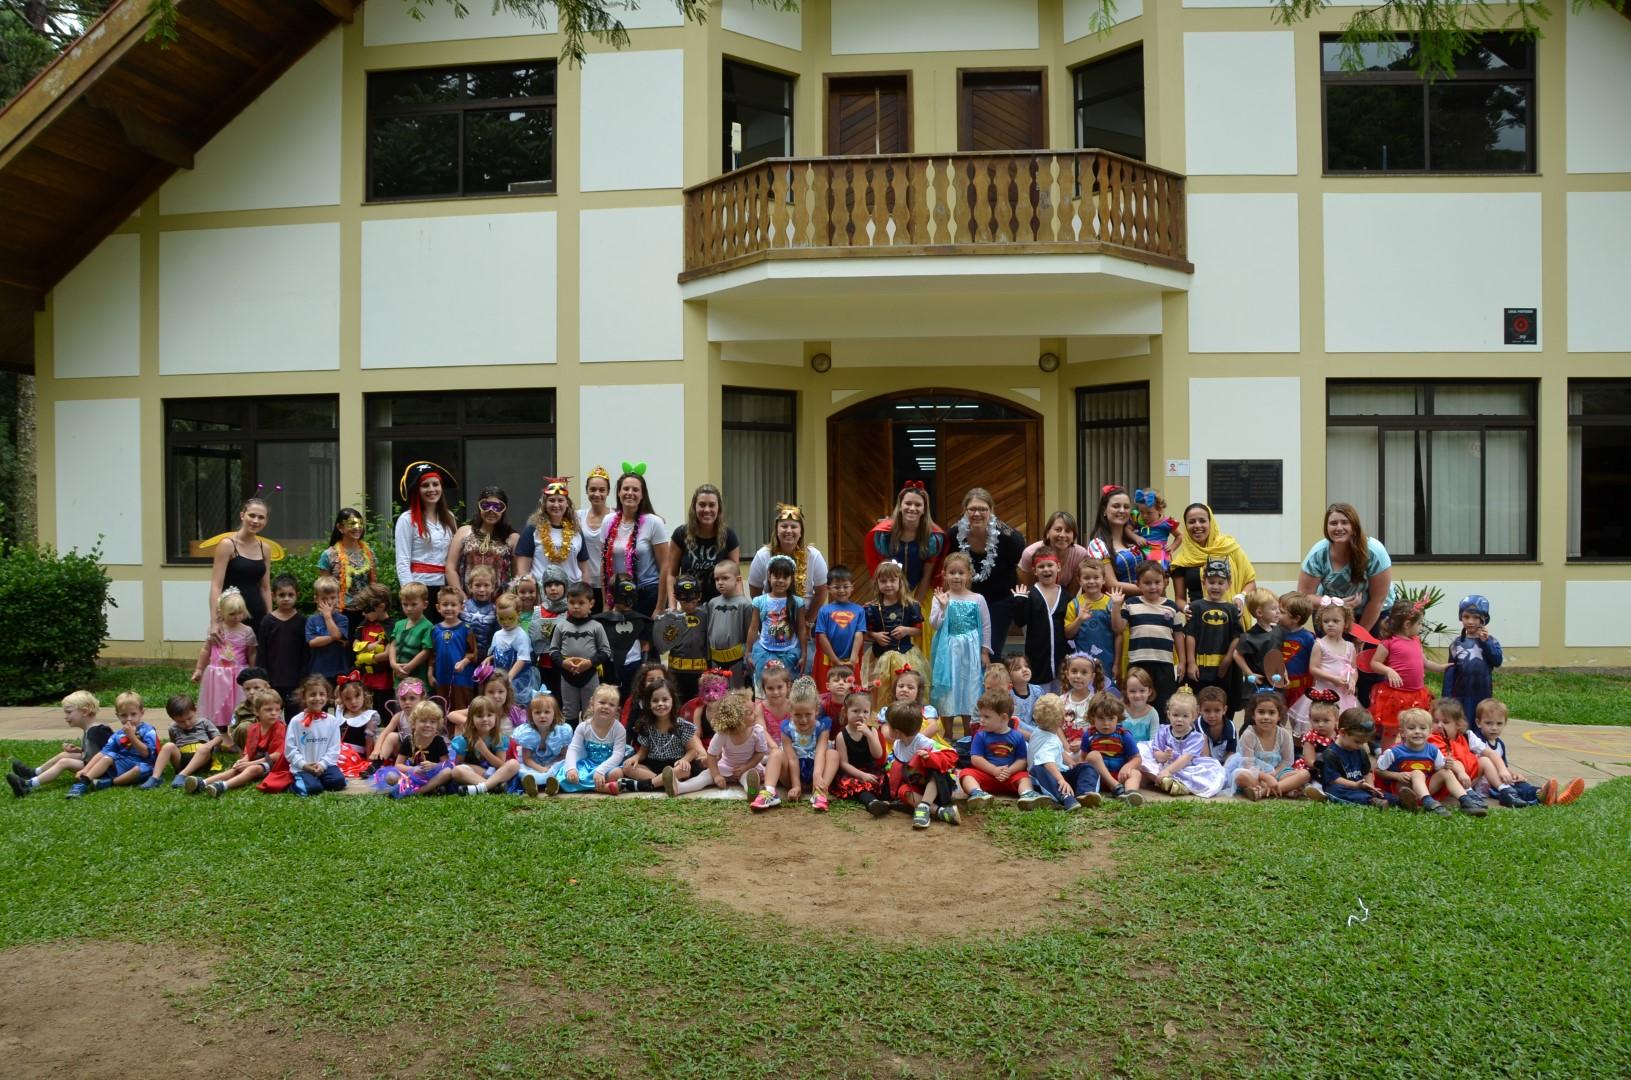 Carnaval - Educação Infantil - Colégio Imperatriz - 24/02/17Carnaval - Educação Infantil - Colégio Imperatriz - 24/02/17